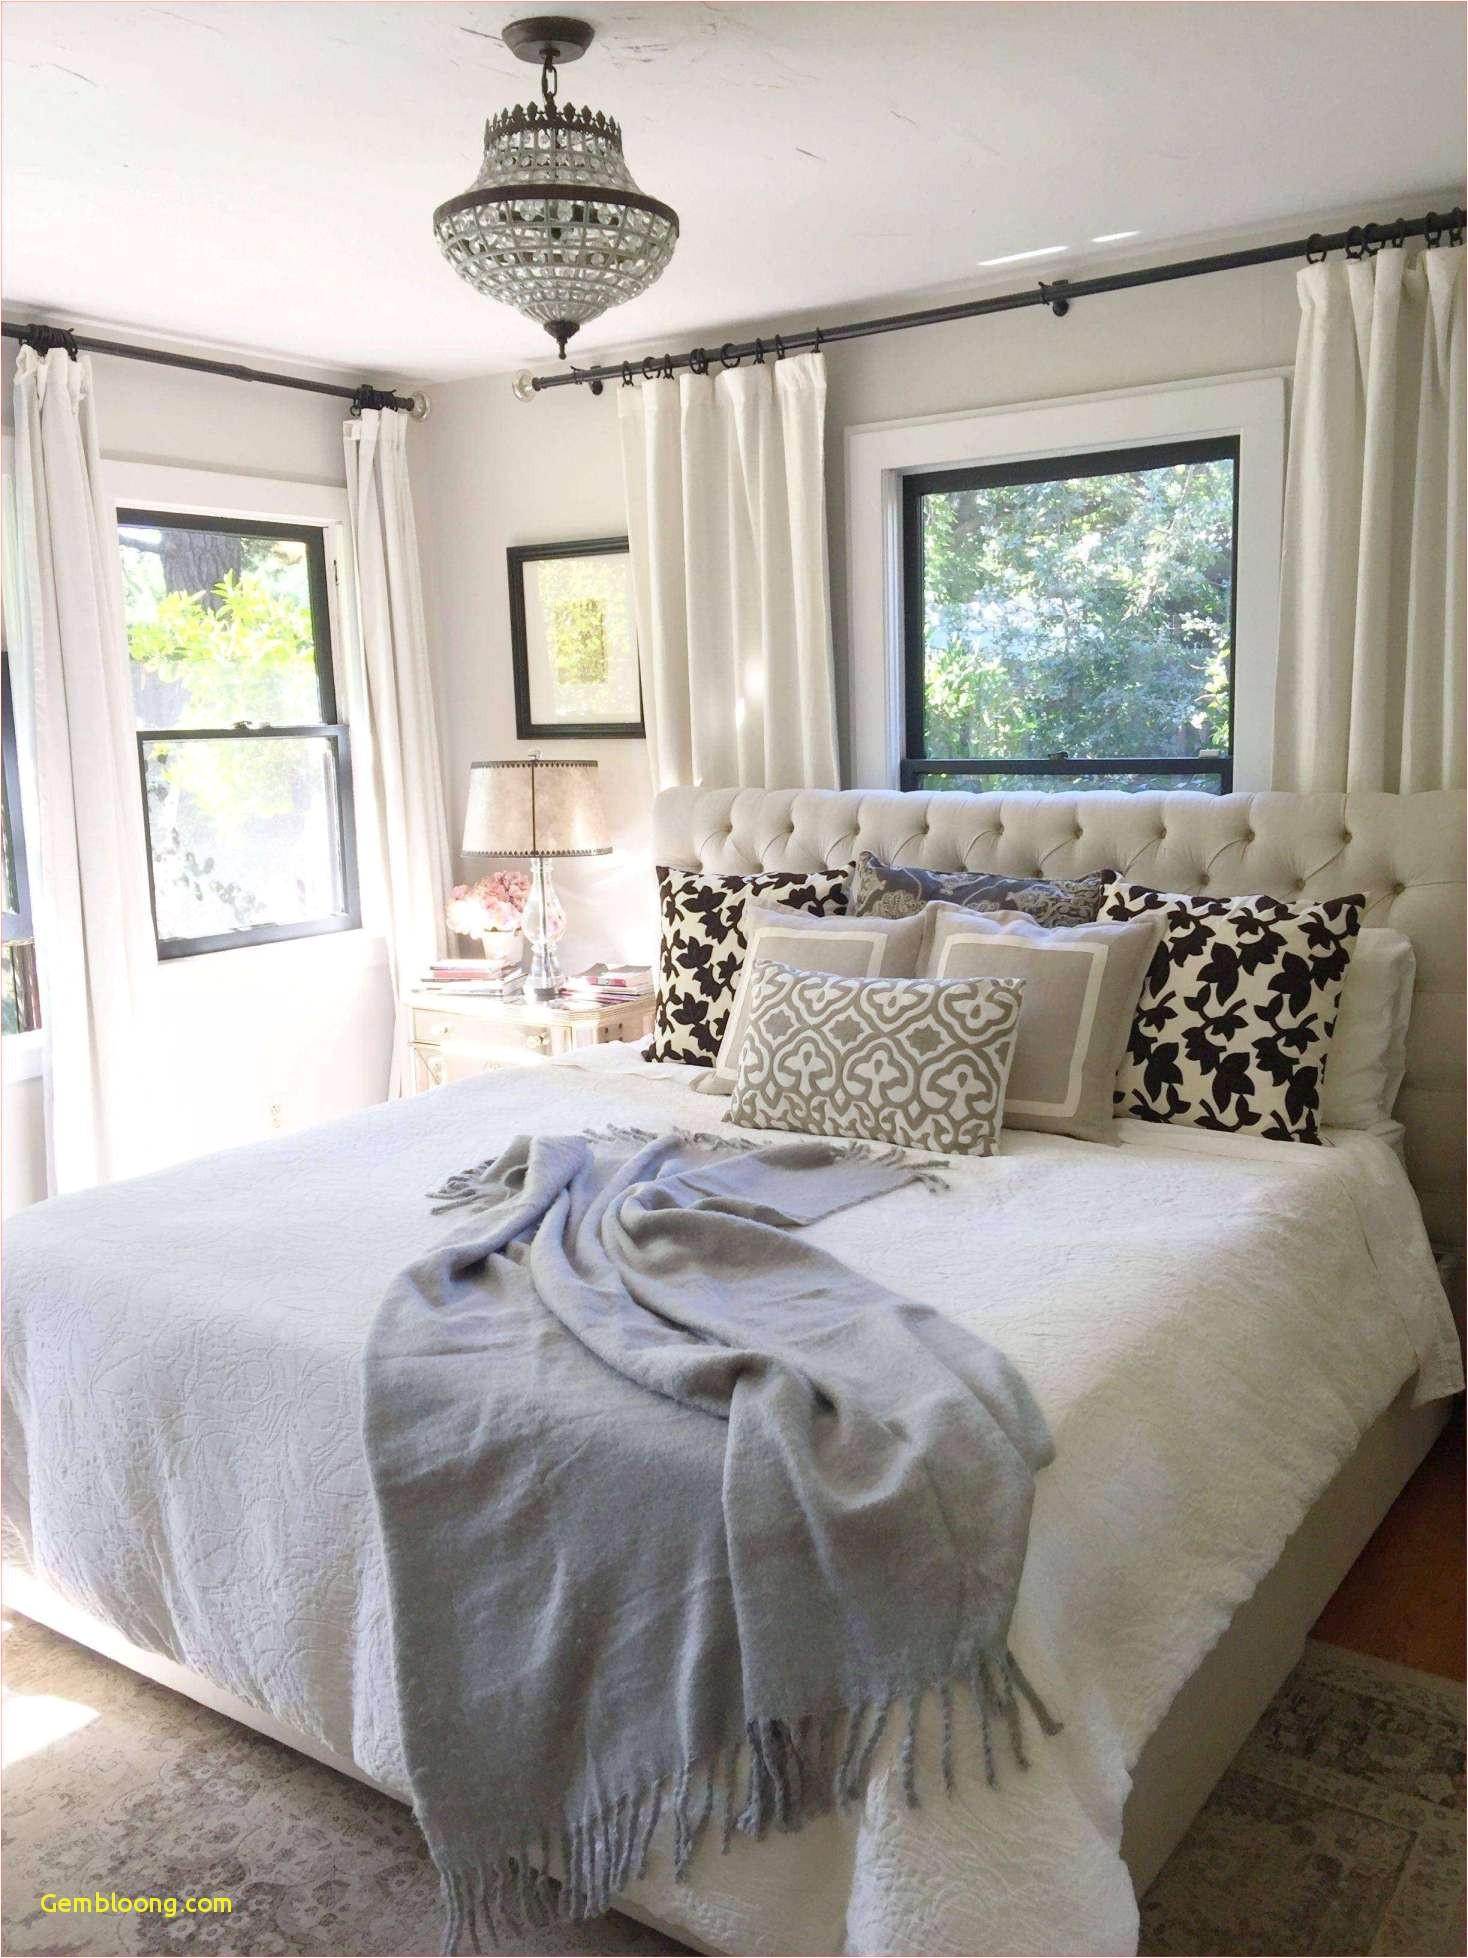 Designs Master Bedroom Inspiration · Download Image